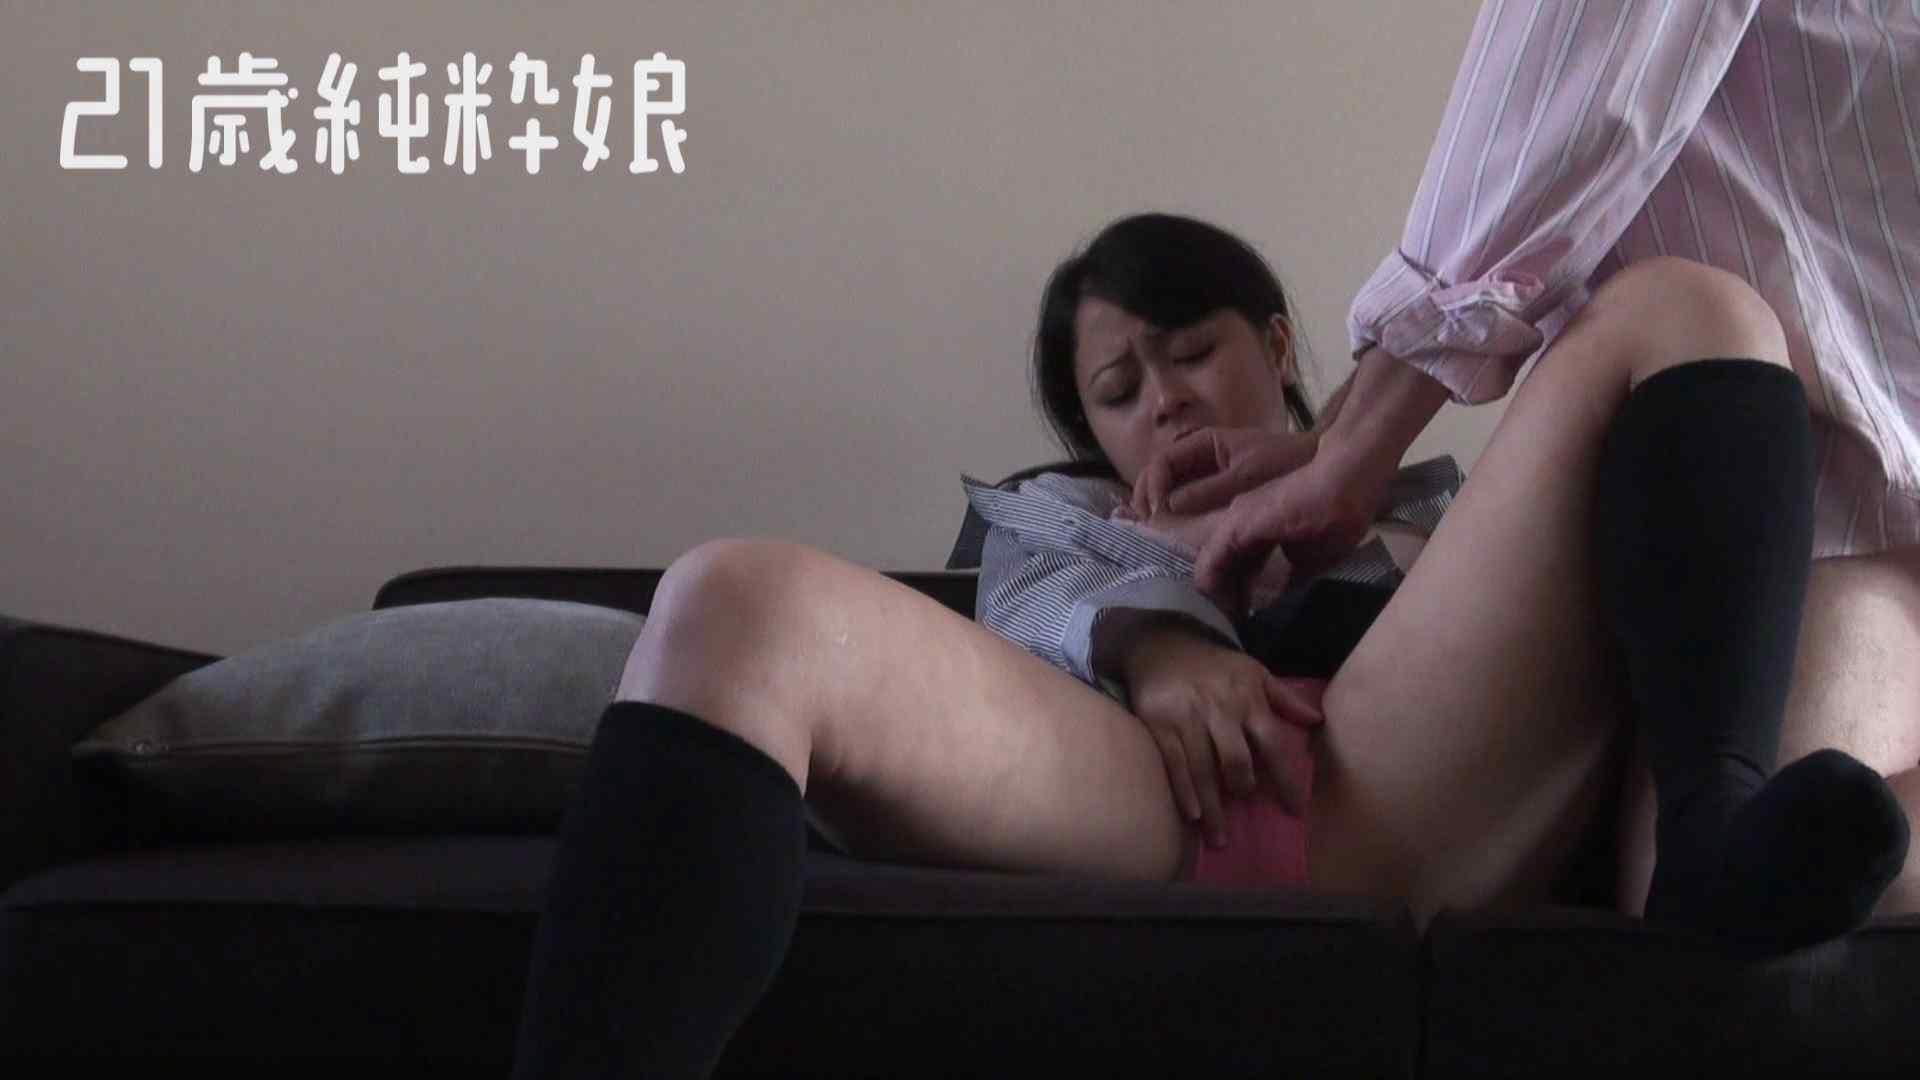 上京したばかりのGカップ21歳純粋嬢を都合の良い女にしてみた3 オナニー | フェラ  48pic 6